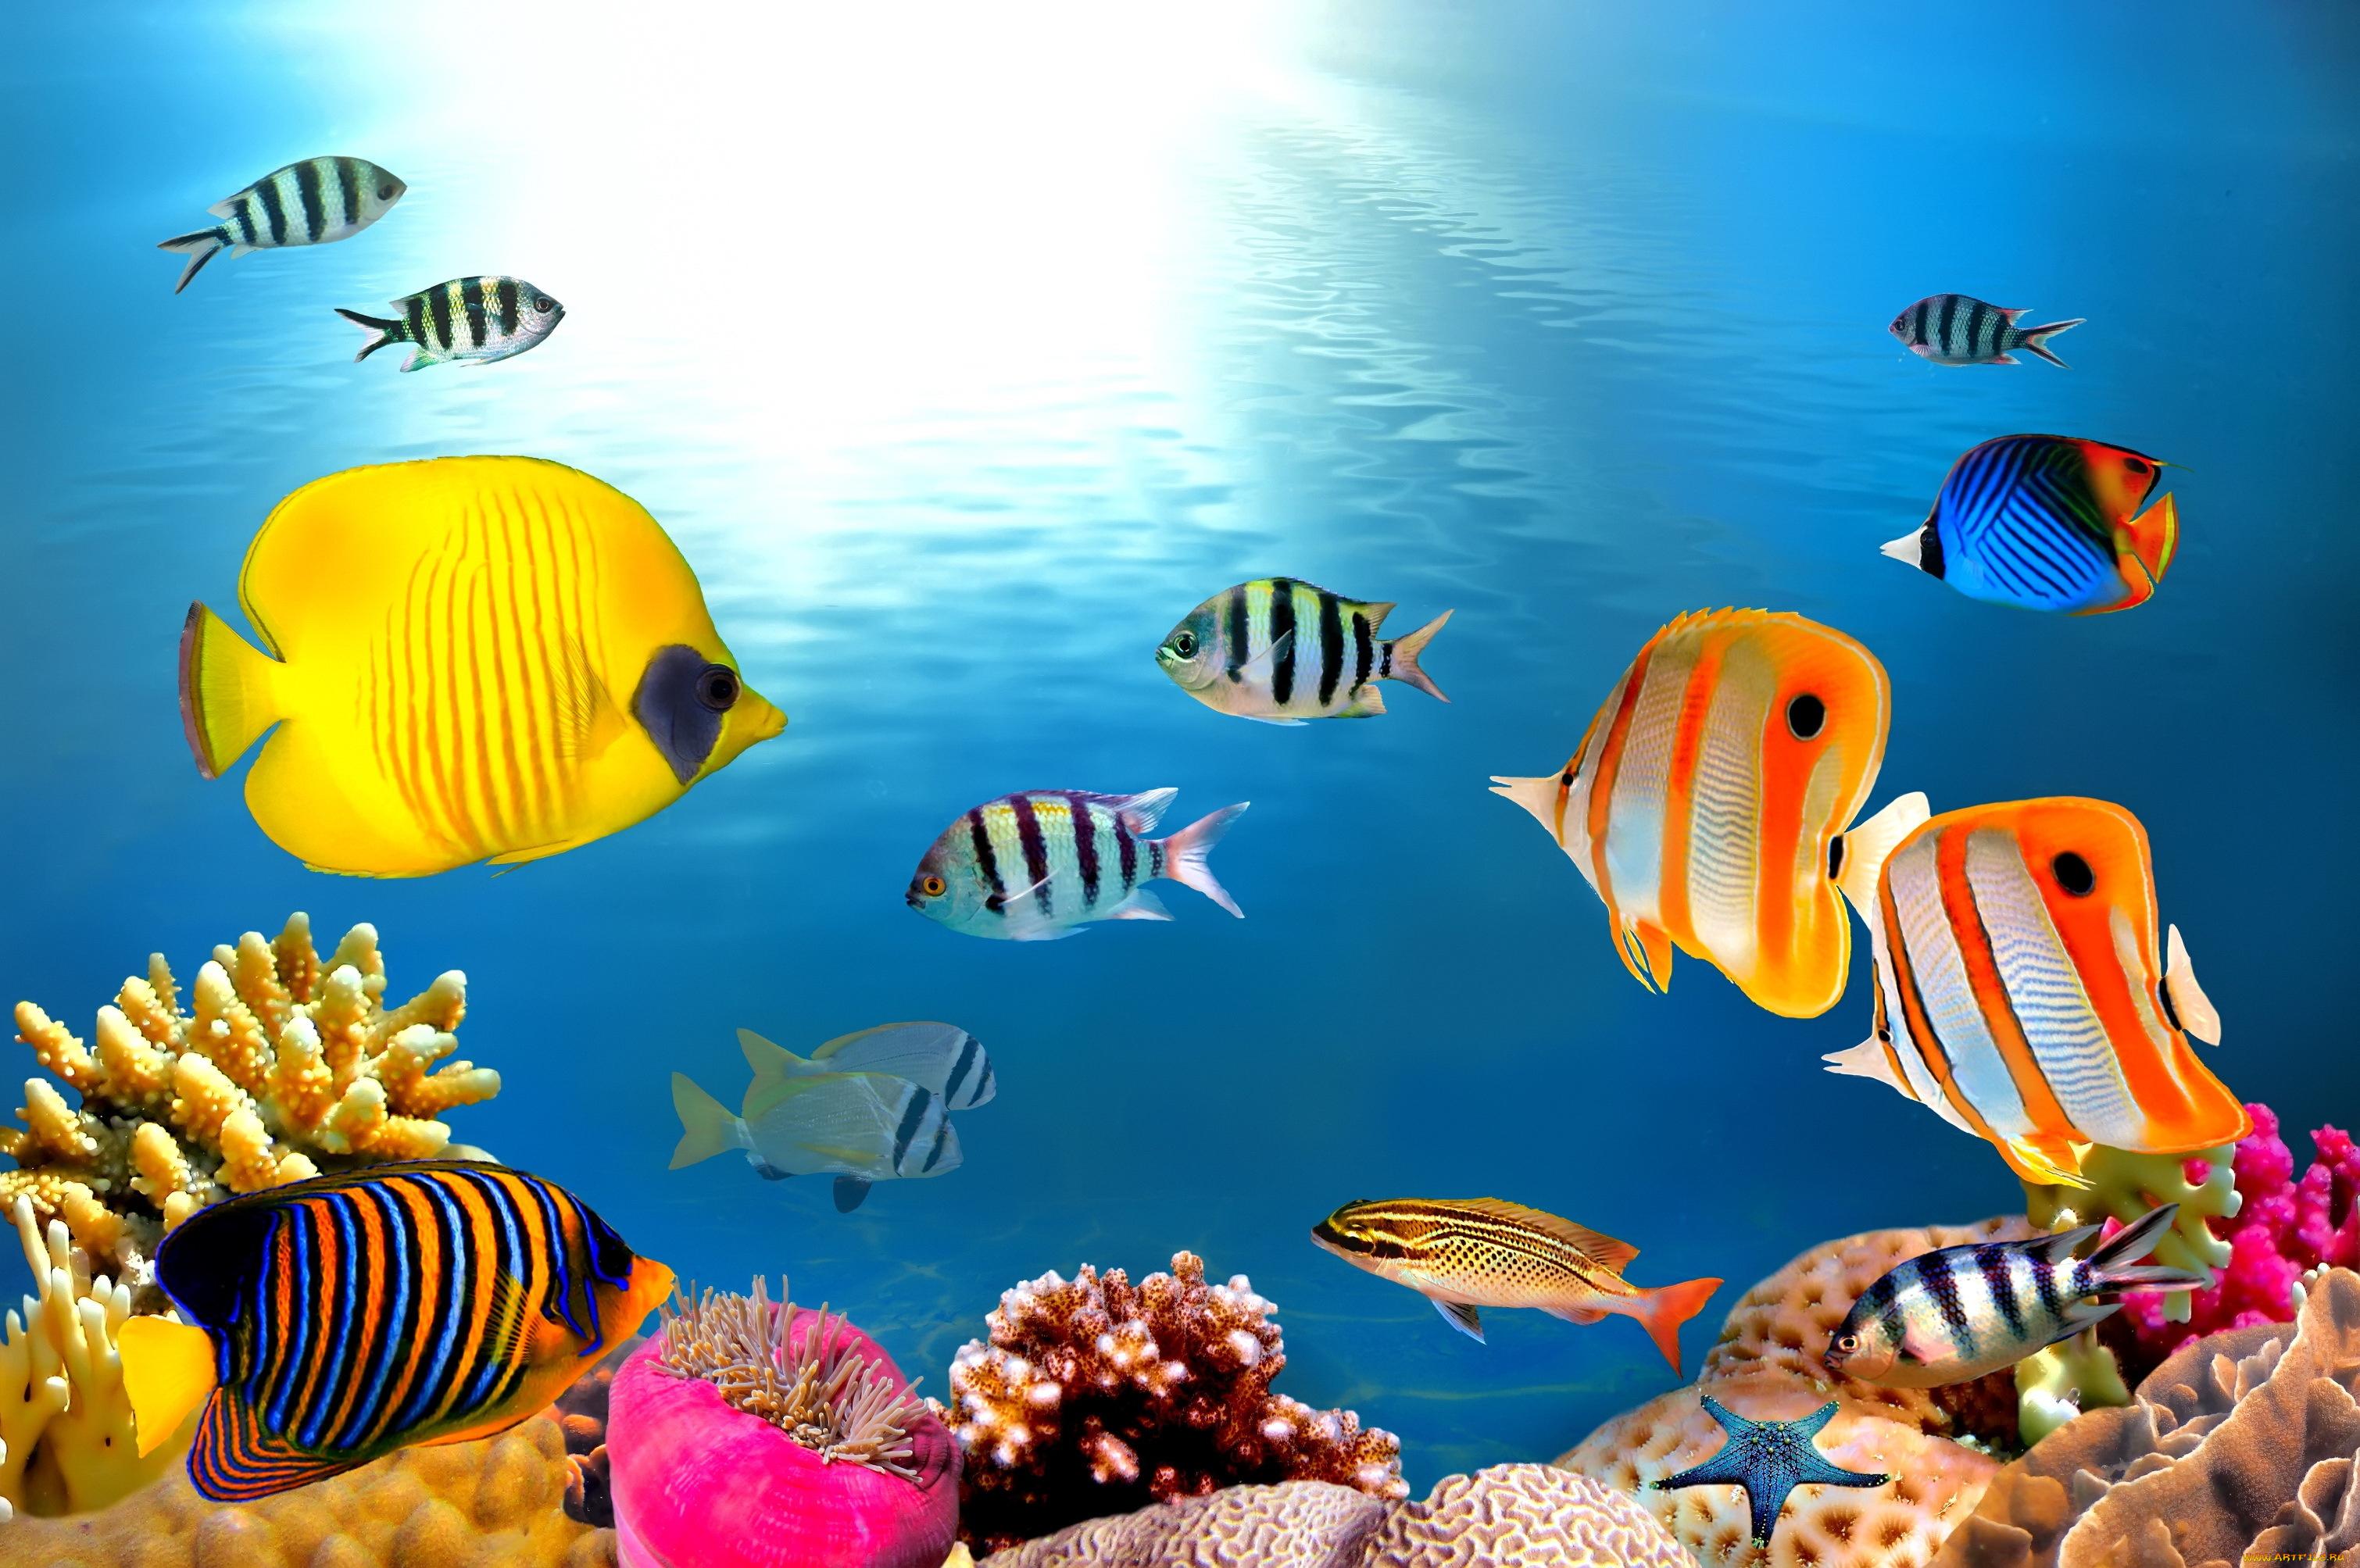 Открытки днем, картинка аквариум с рыбками с анимацией